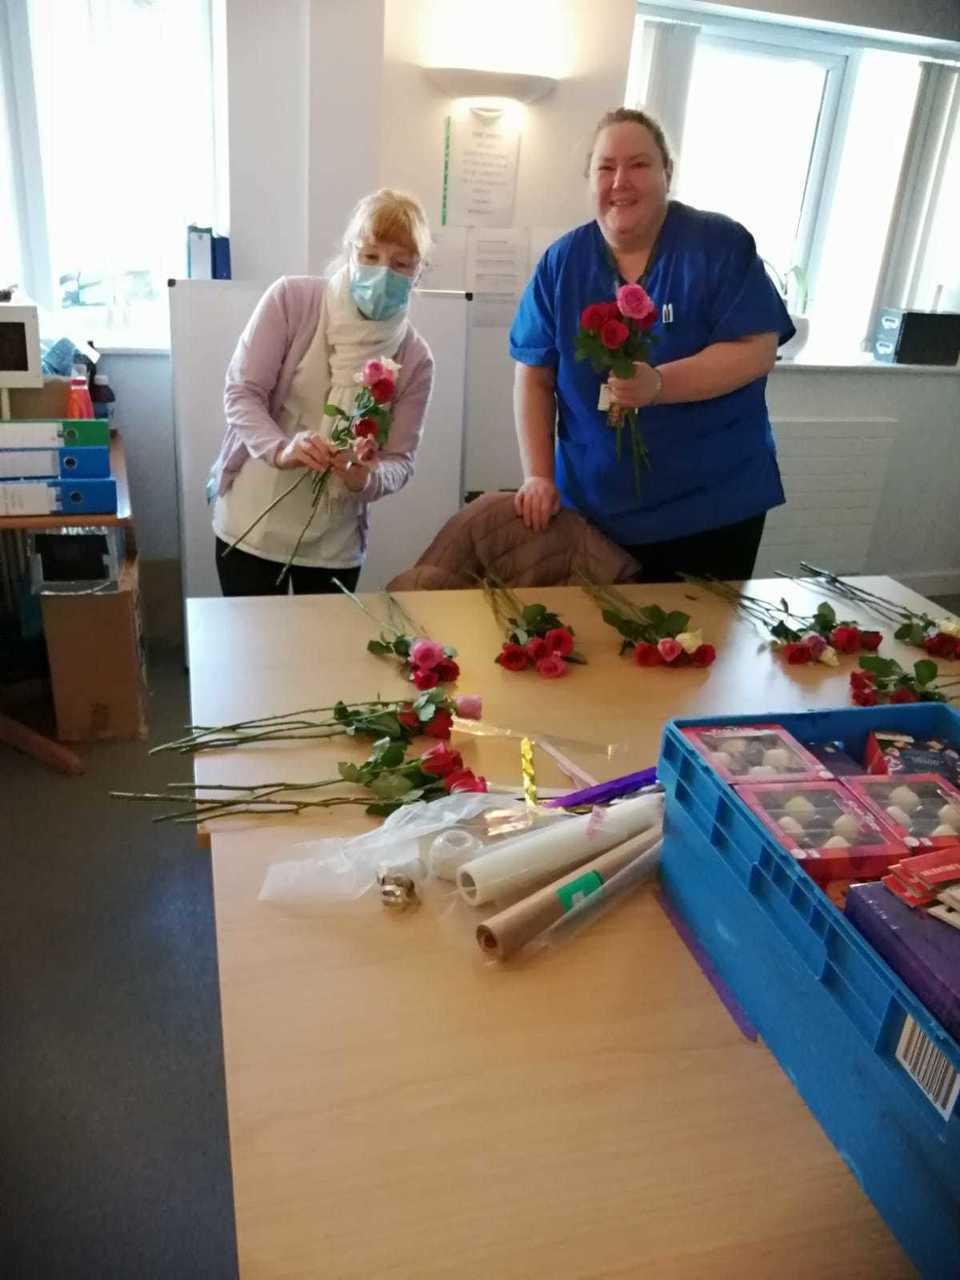 Valentine's Day treats | Asda Merthyr Tydfil